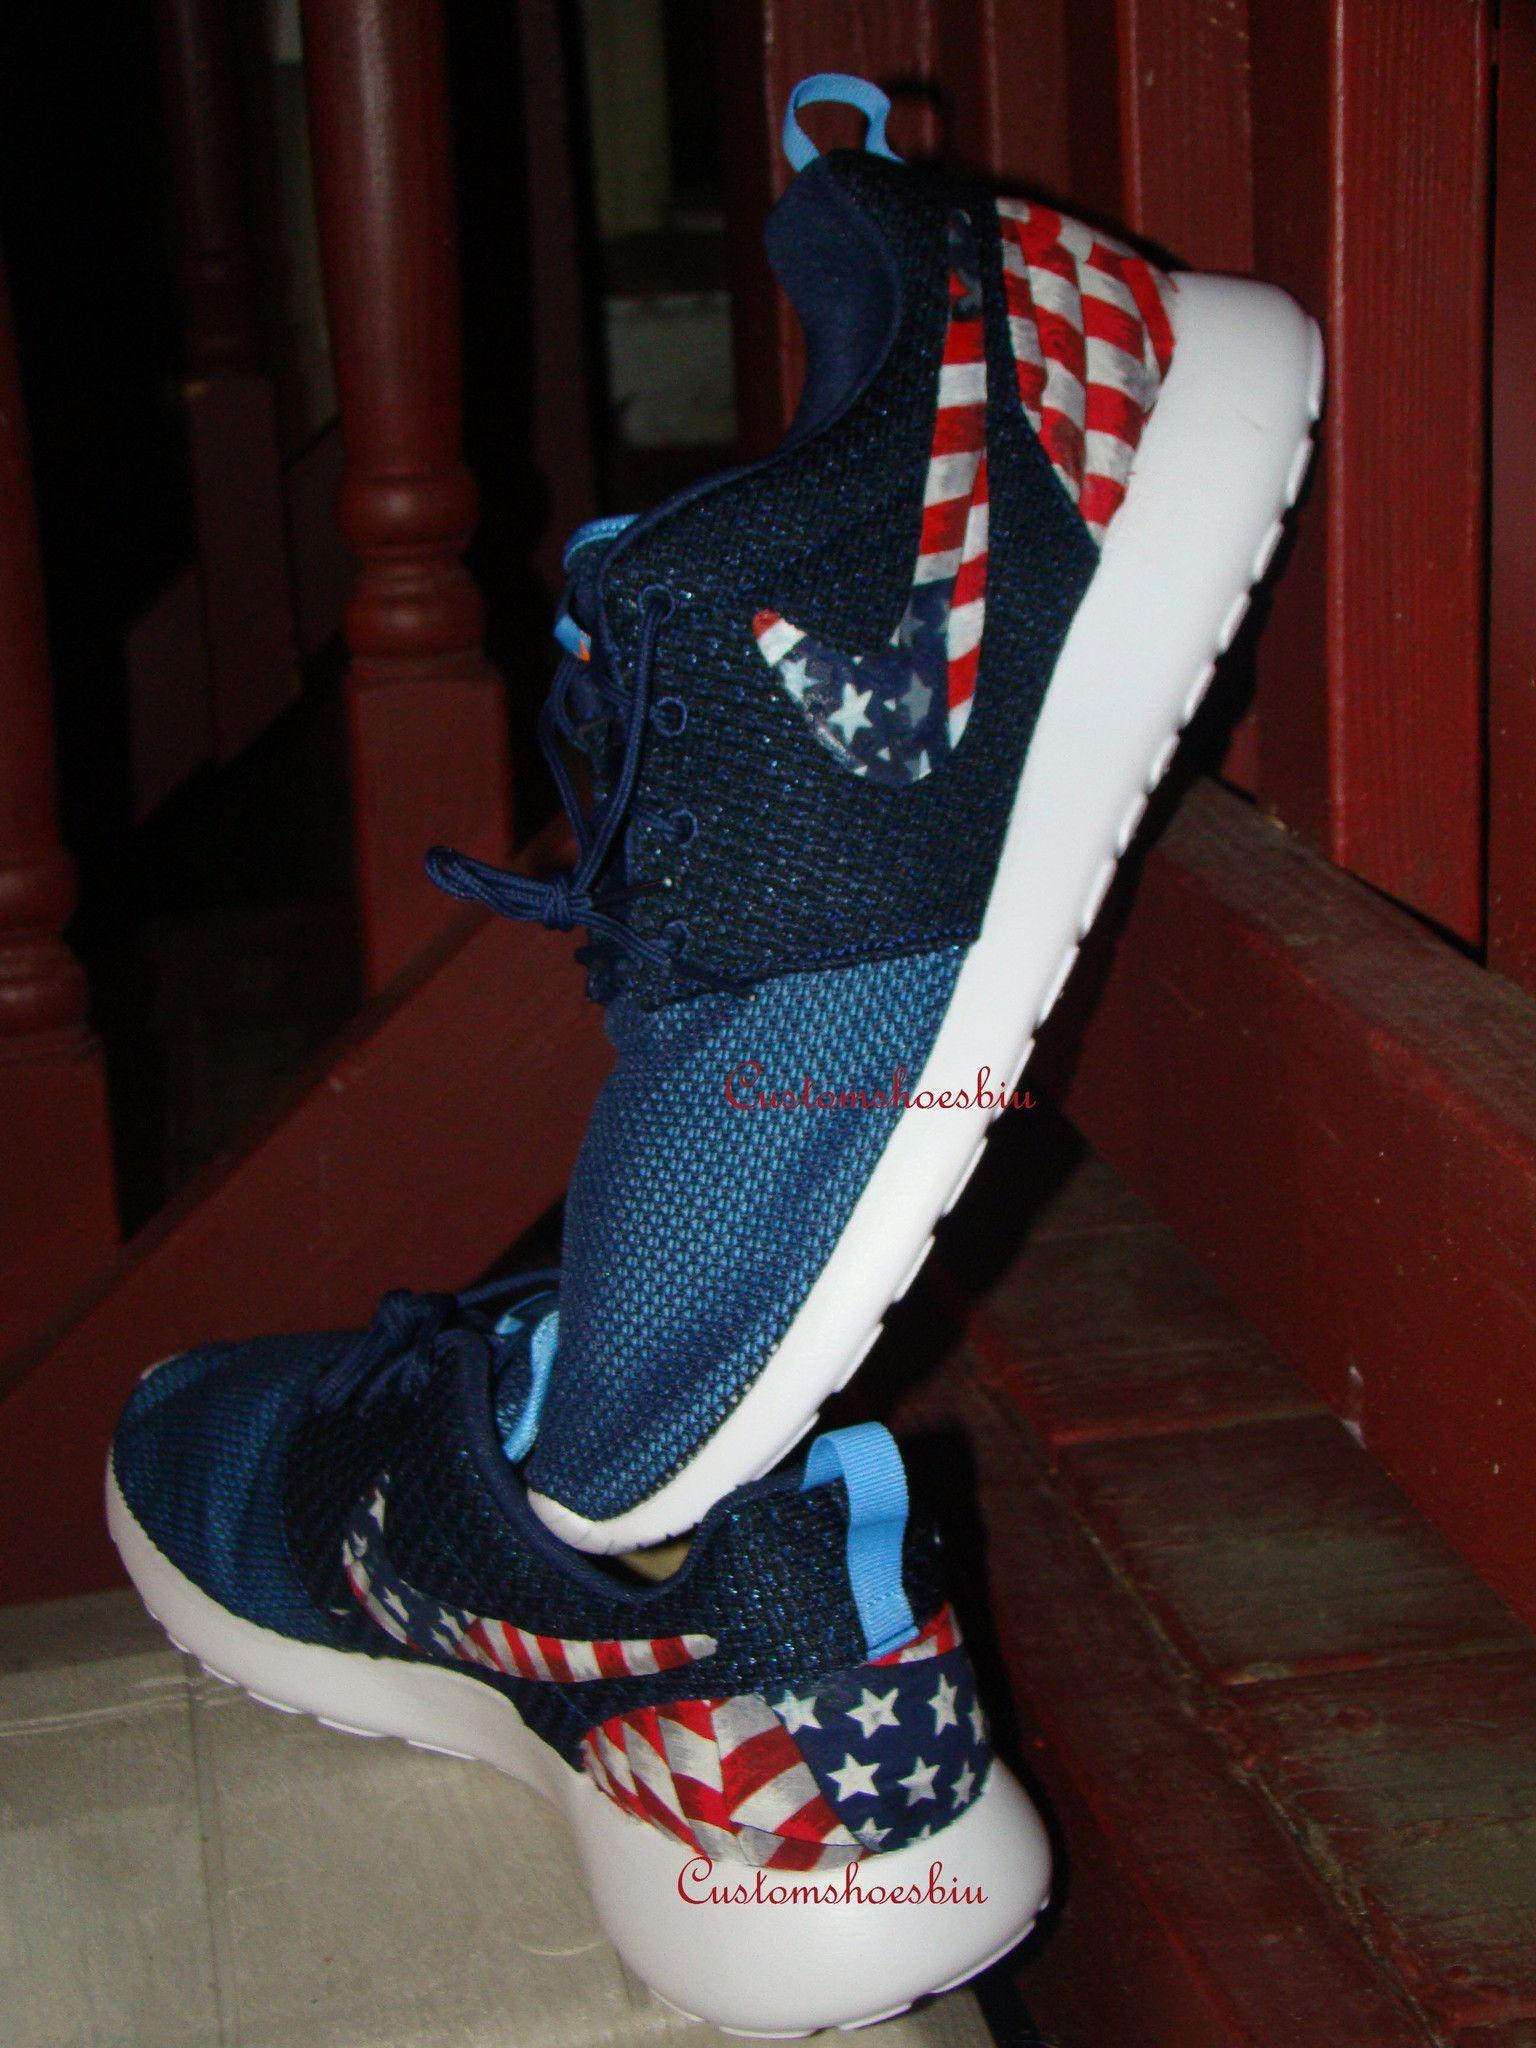 f5a76b38f91d Custom Nike Roshe Run- Navy Nike Roshe Runs - American Flag Print - Women   Men